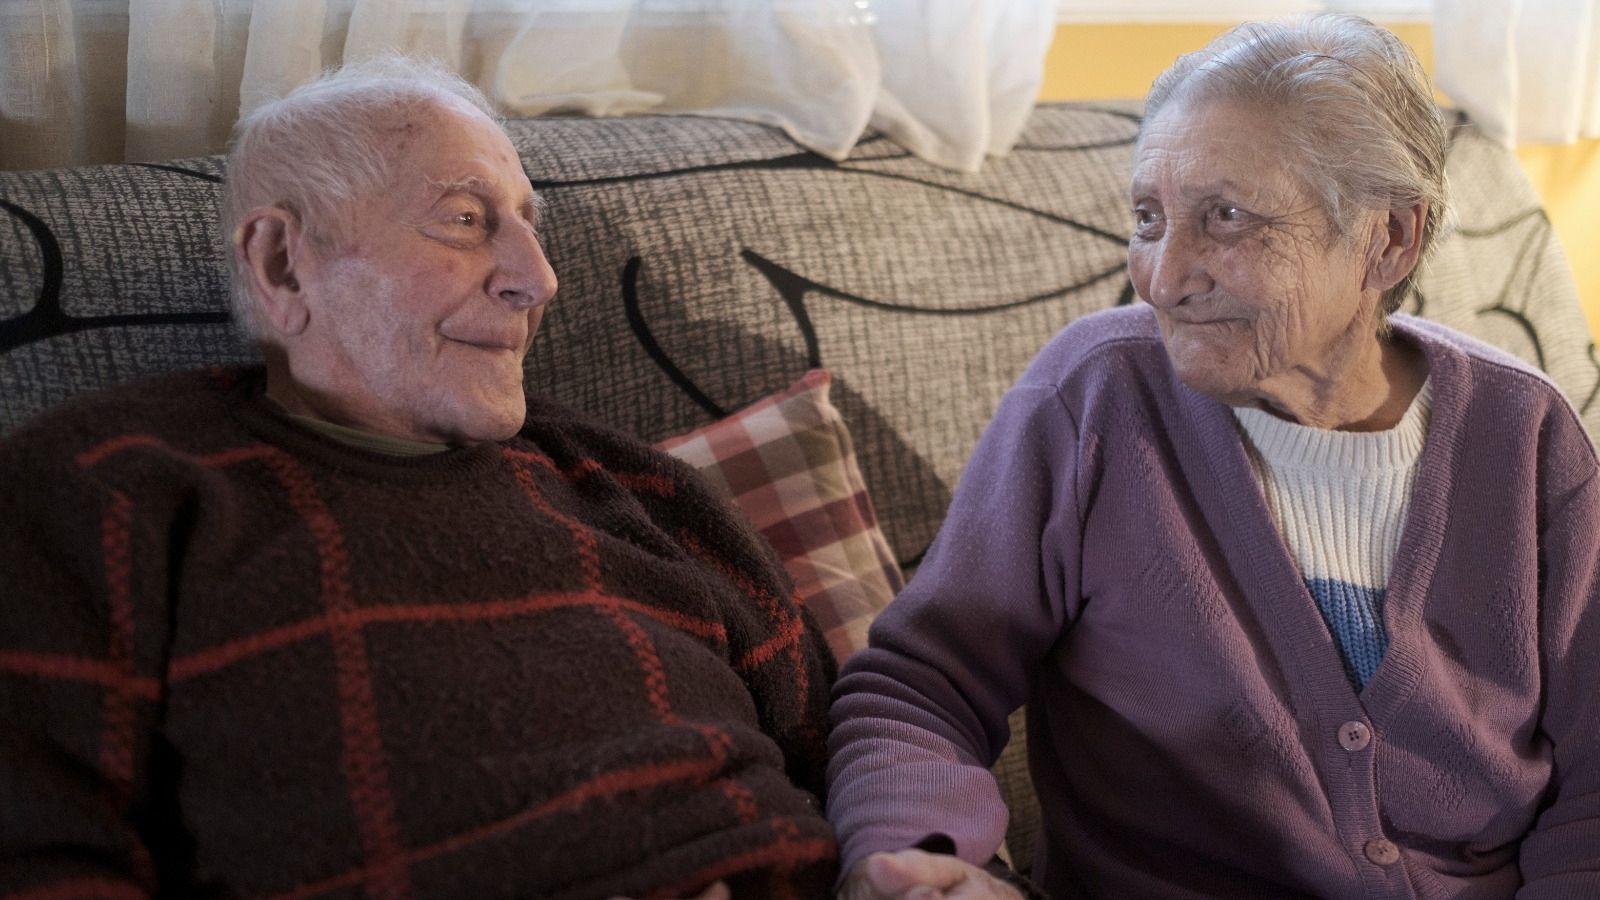 El matrimonio formado por Serafín García y Maximina Salgado es uno de los más longevos de Asturias